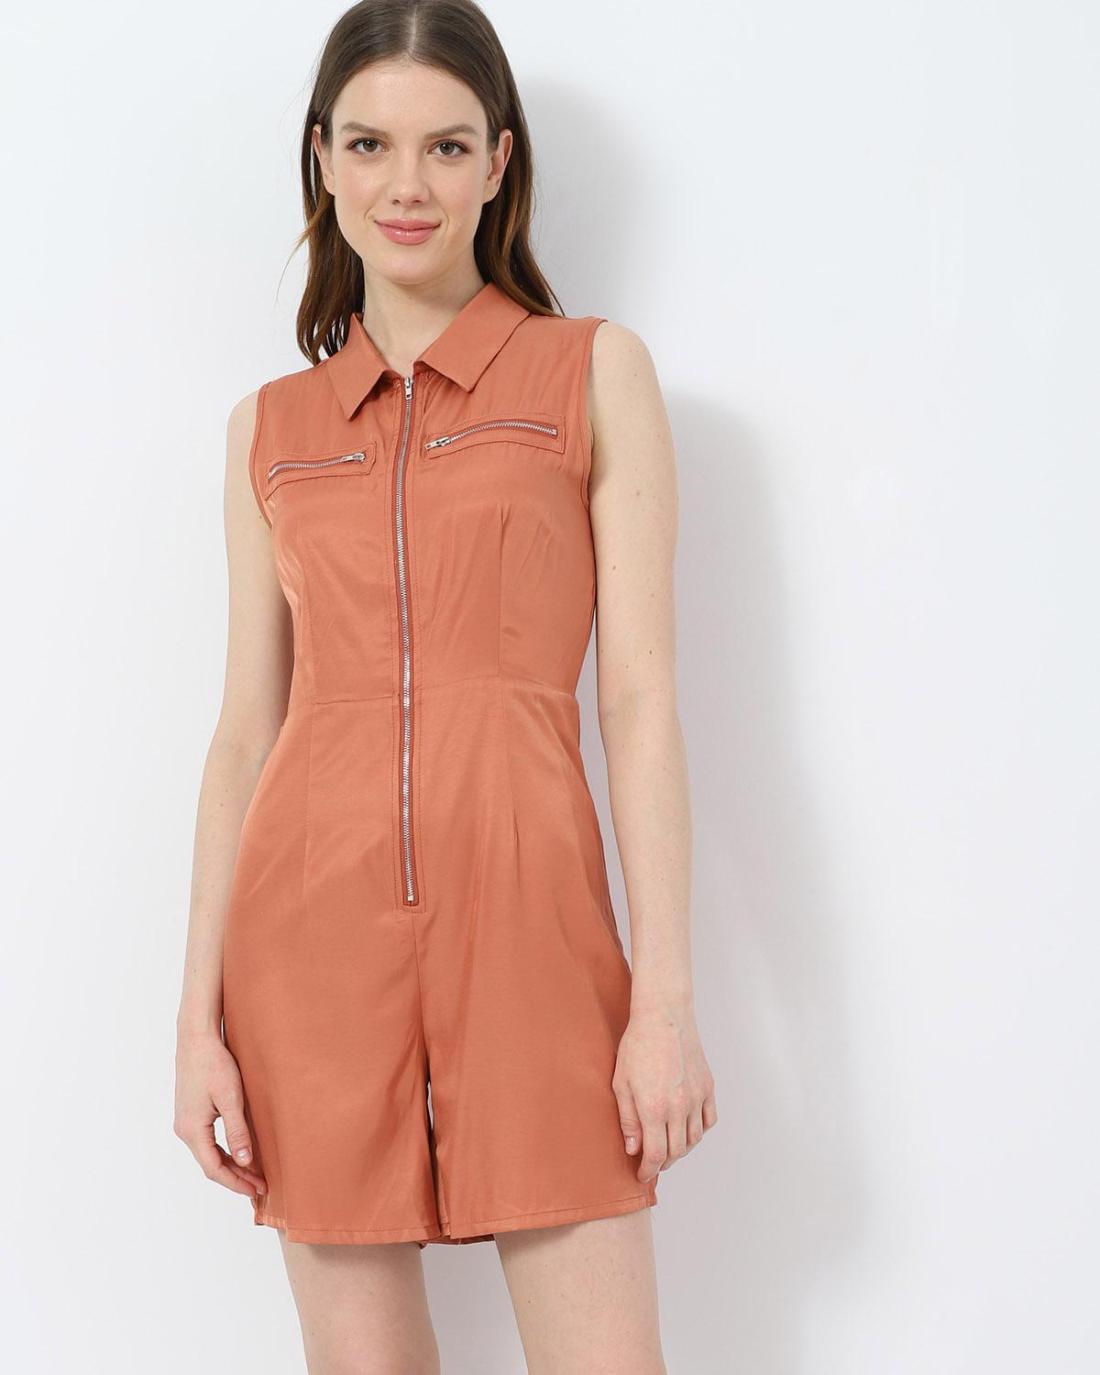 Ολόσωμη φόρμα πορτοκαλί